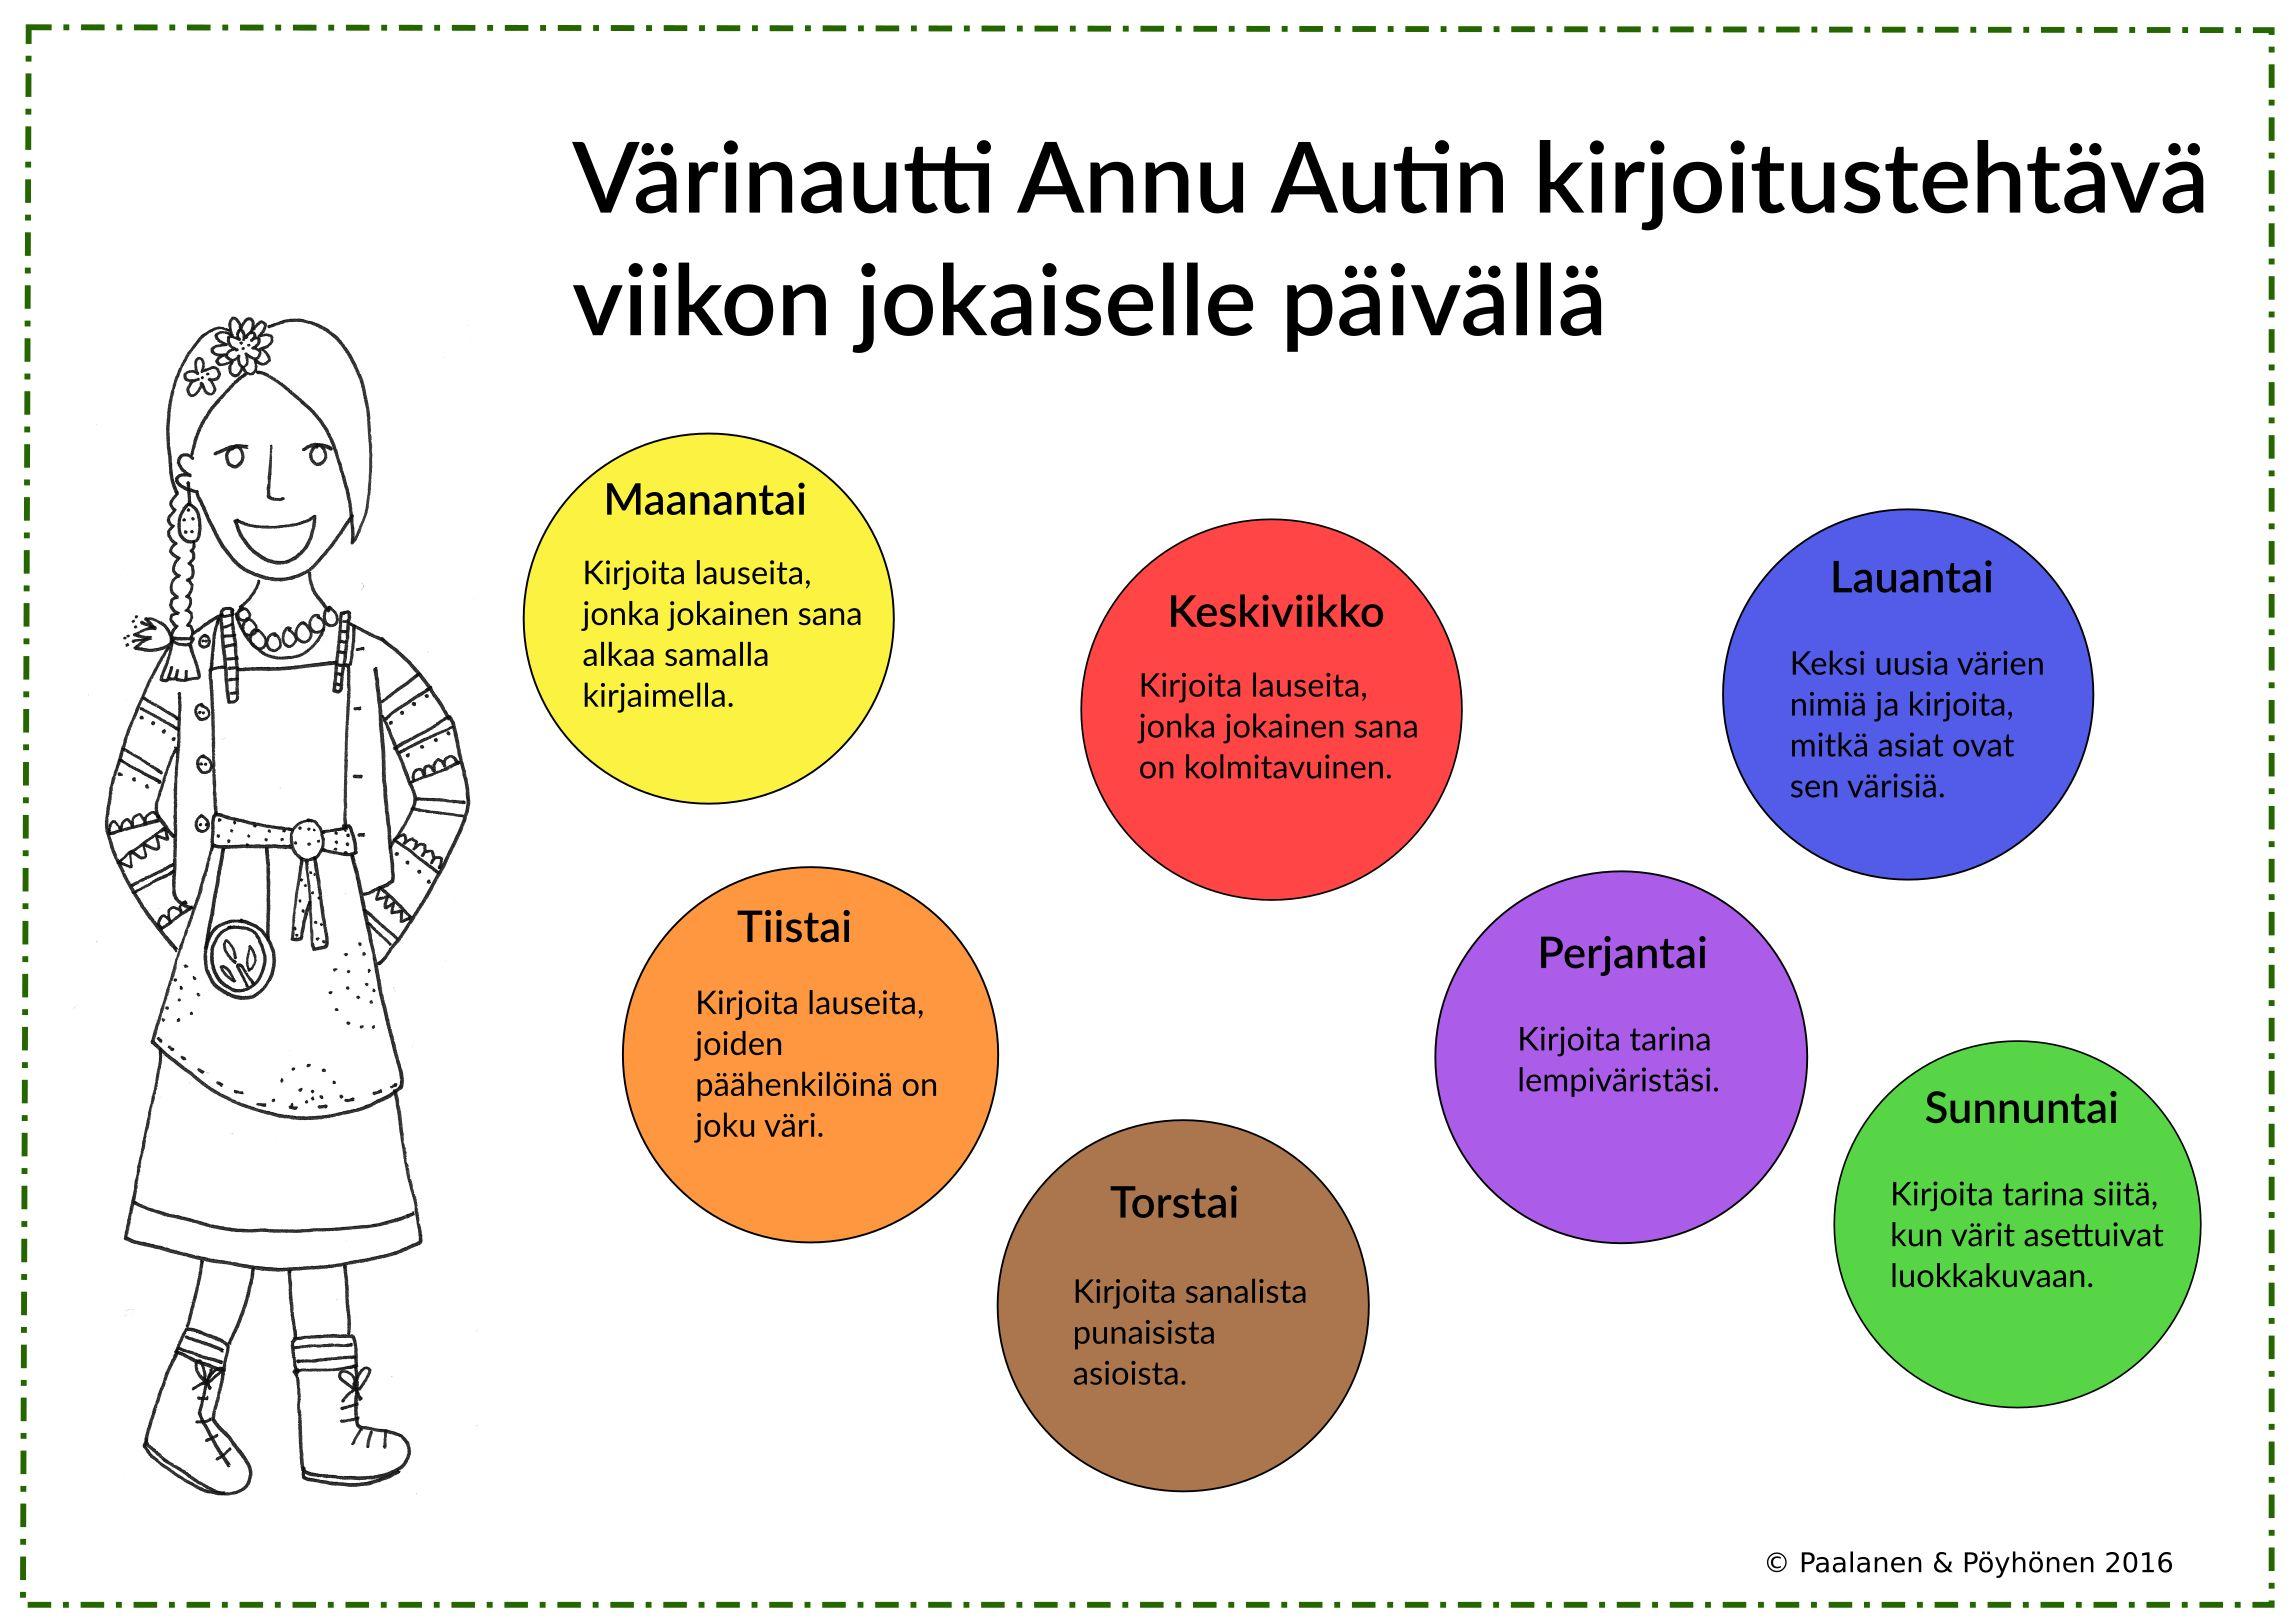 In Finnish